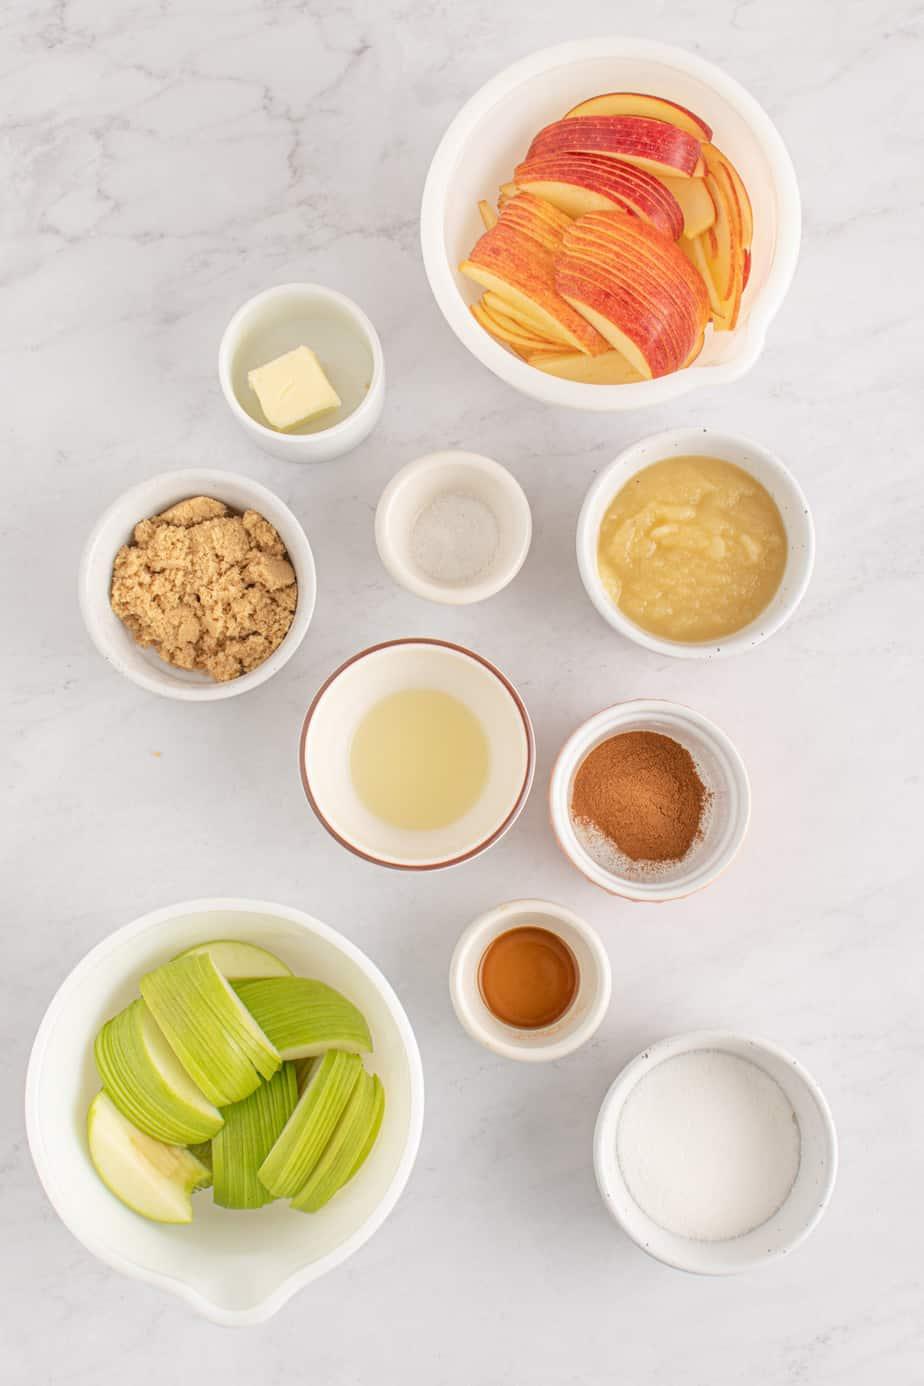 Apple Tart recipe ingredients.